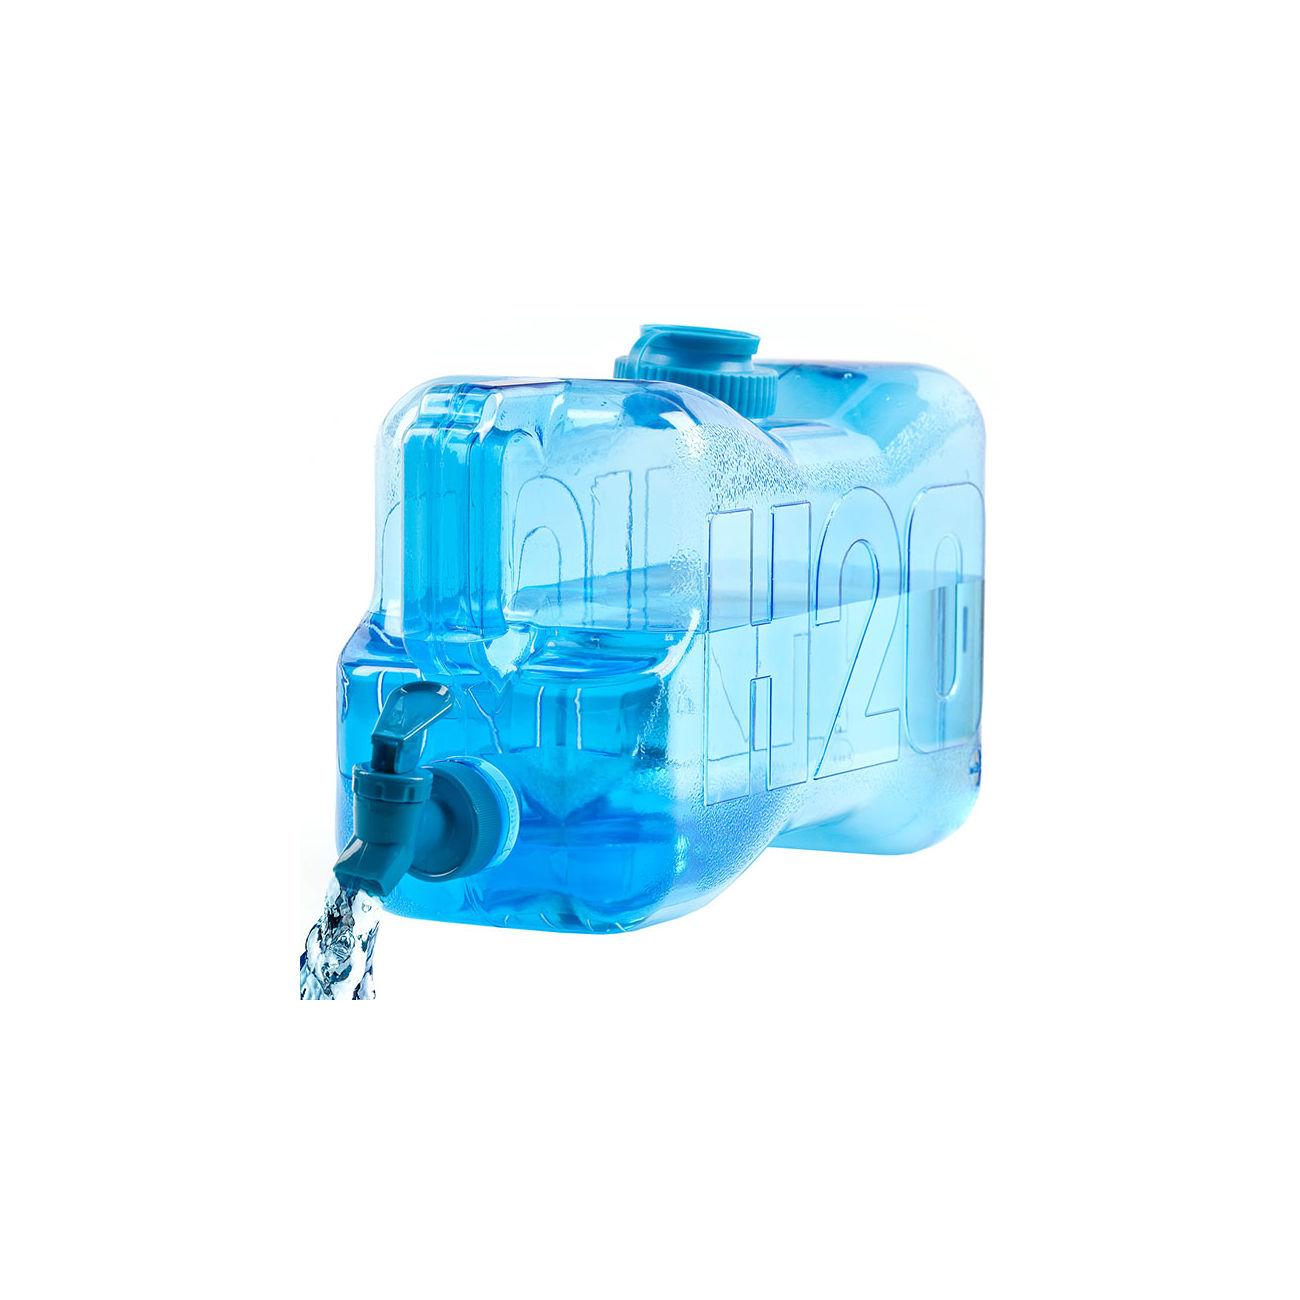 Wasserspender H2O 5,5L günstig kaufen - Kotte & Zeller